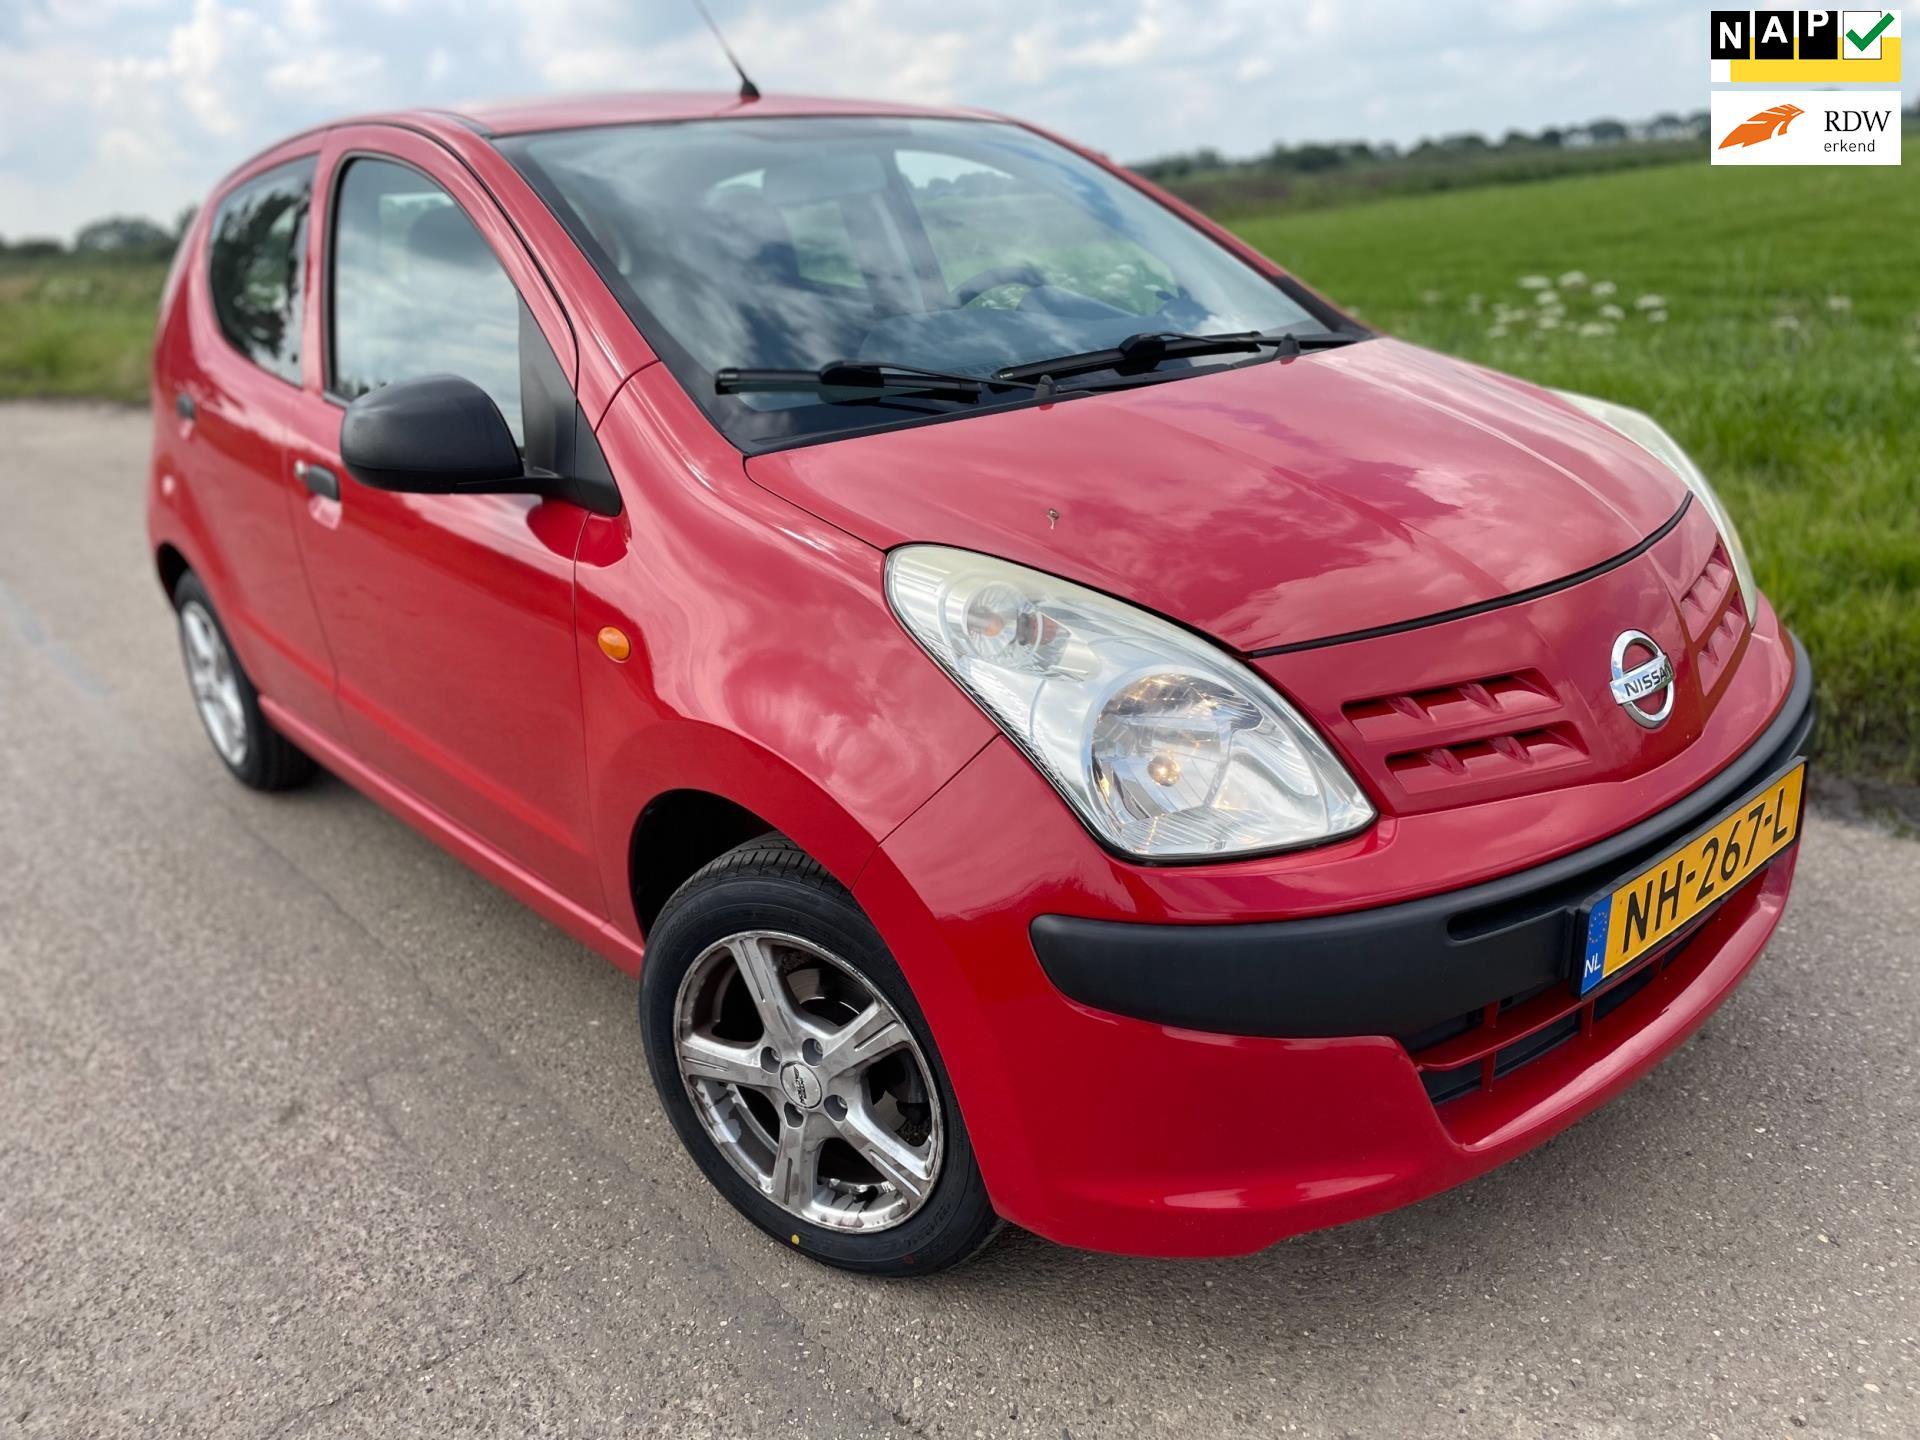 Nissan Pixo occasion - Van der Made Auto's